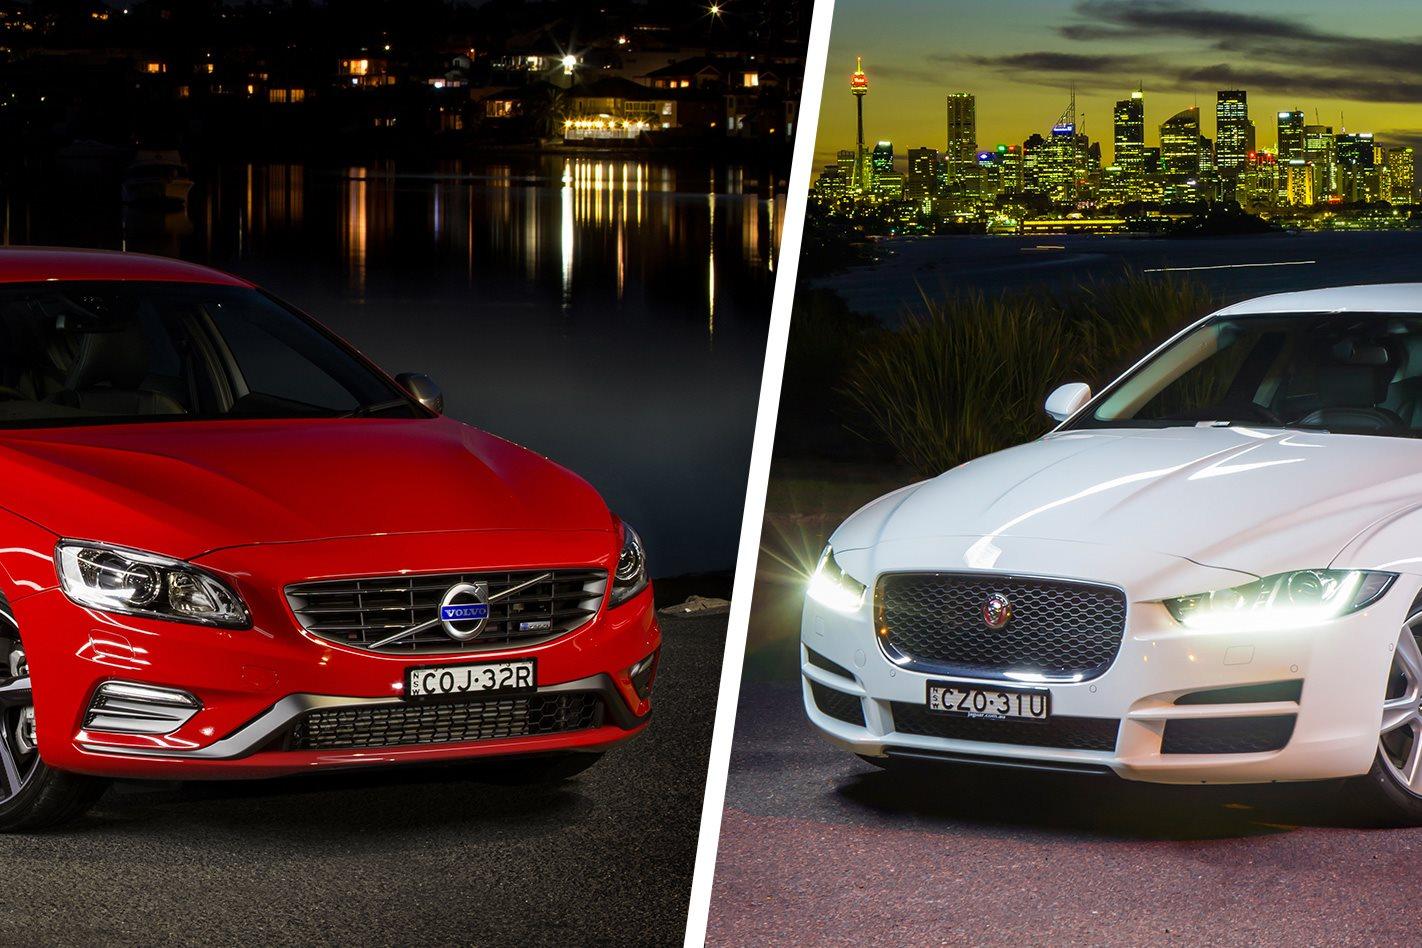 Jaguar XE v Volvo S60 comparison review